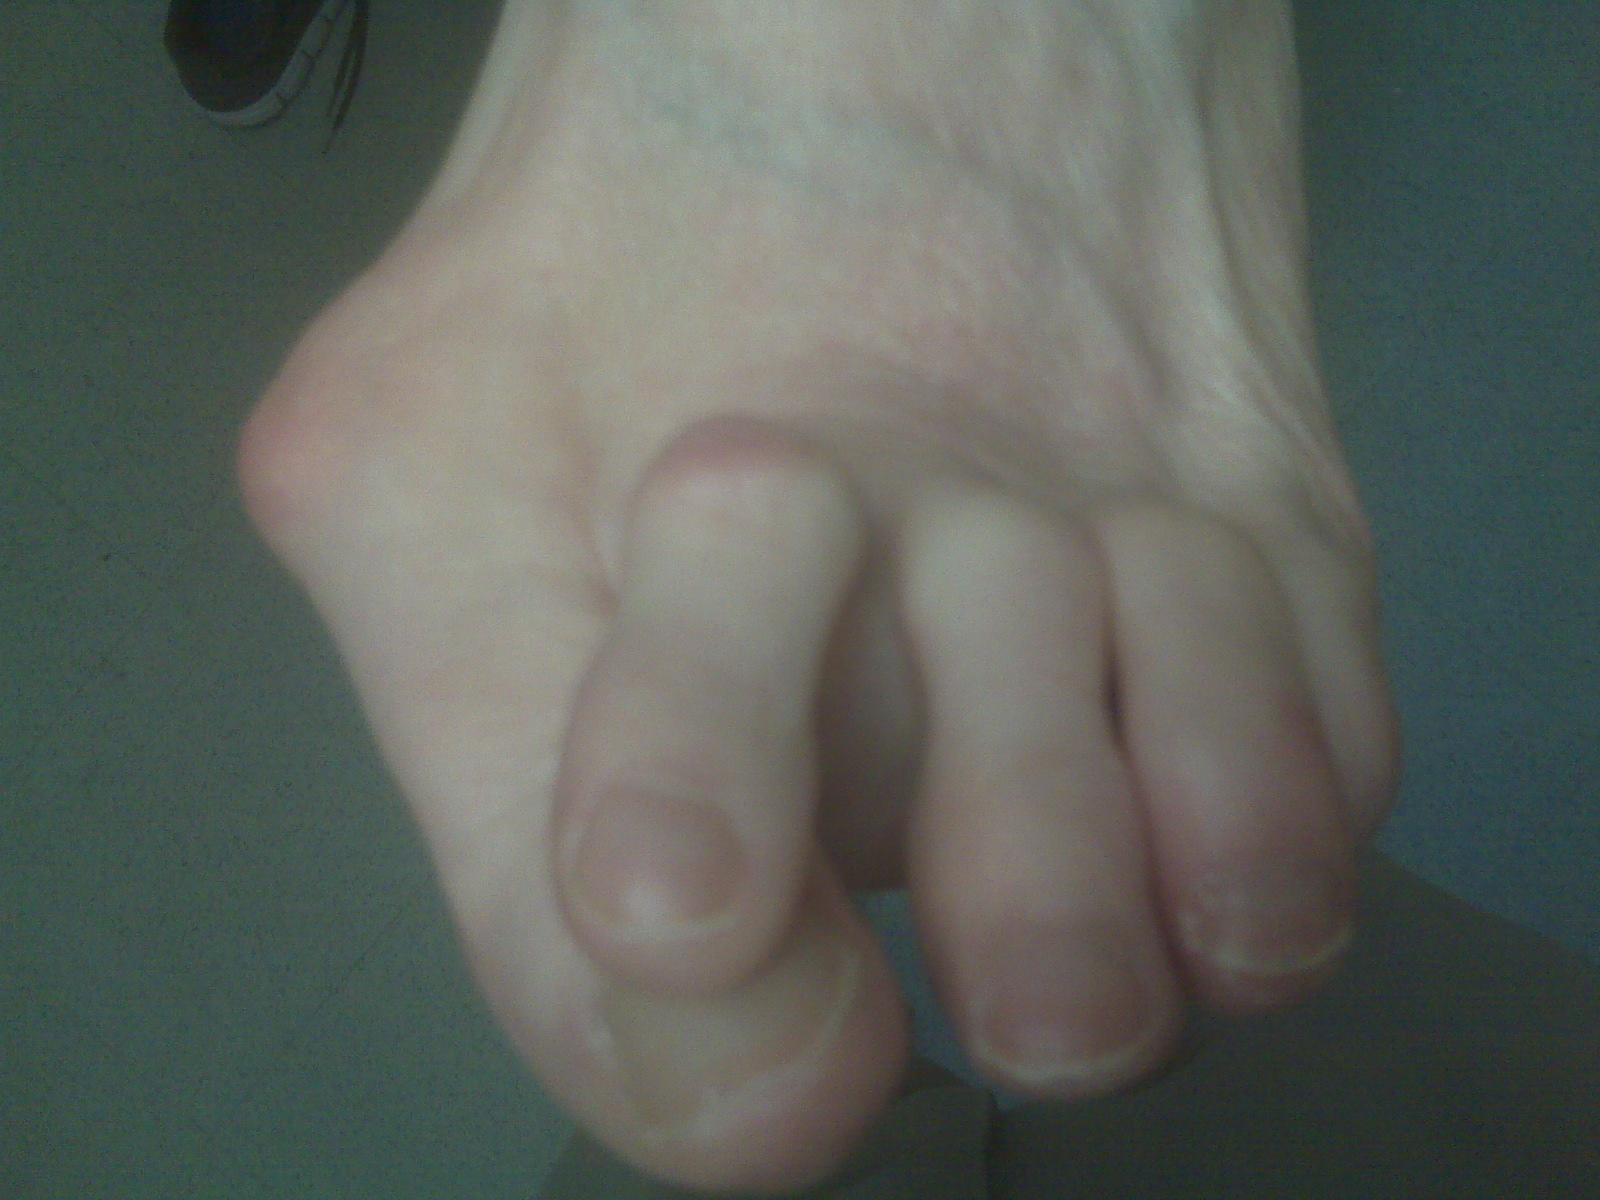 Bunions Hard Skin